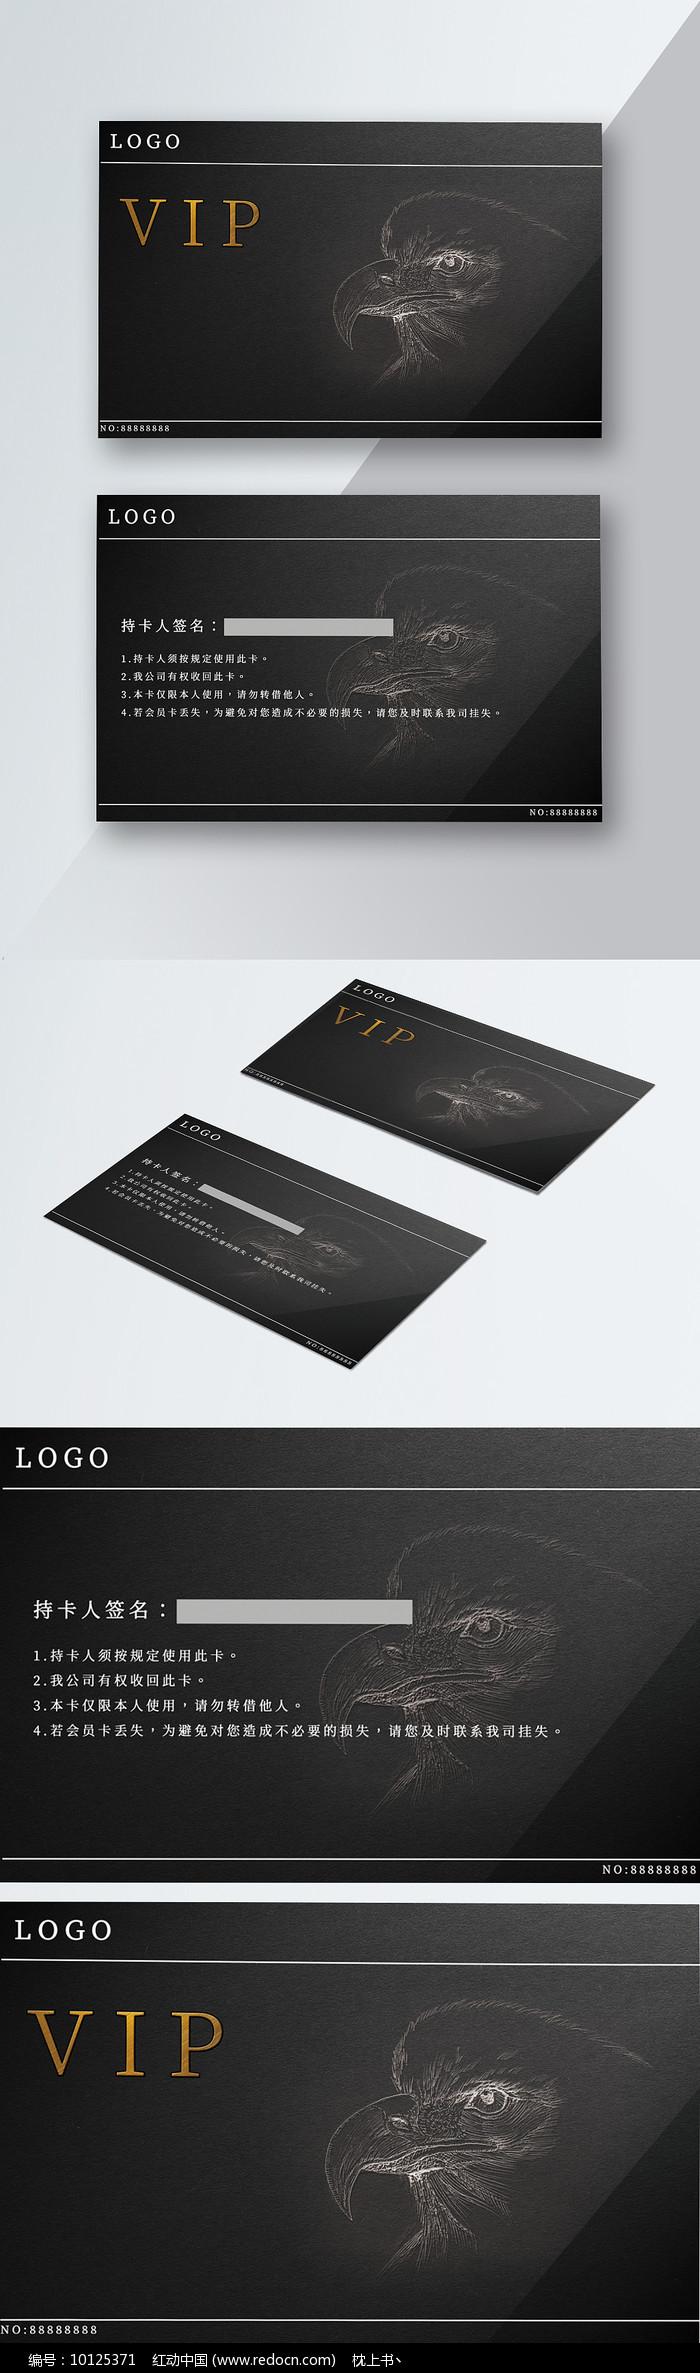 高档黑VIP贵宾卡设计模板图片